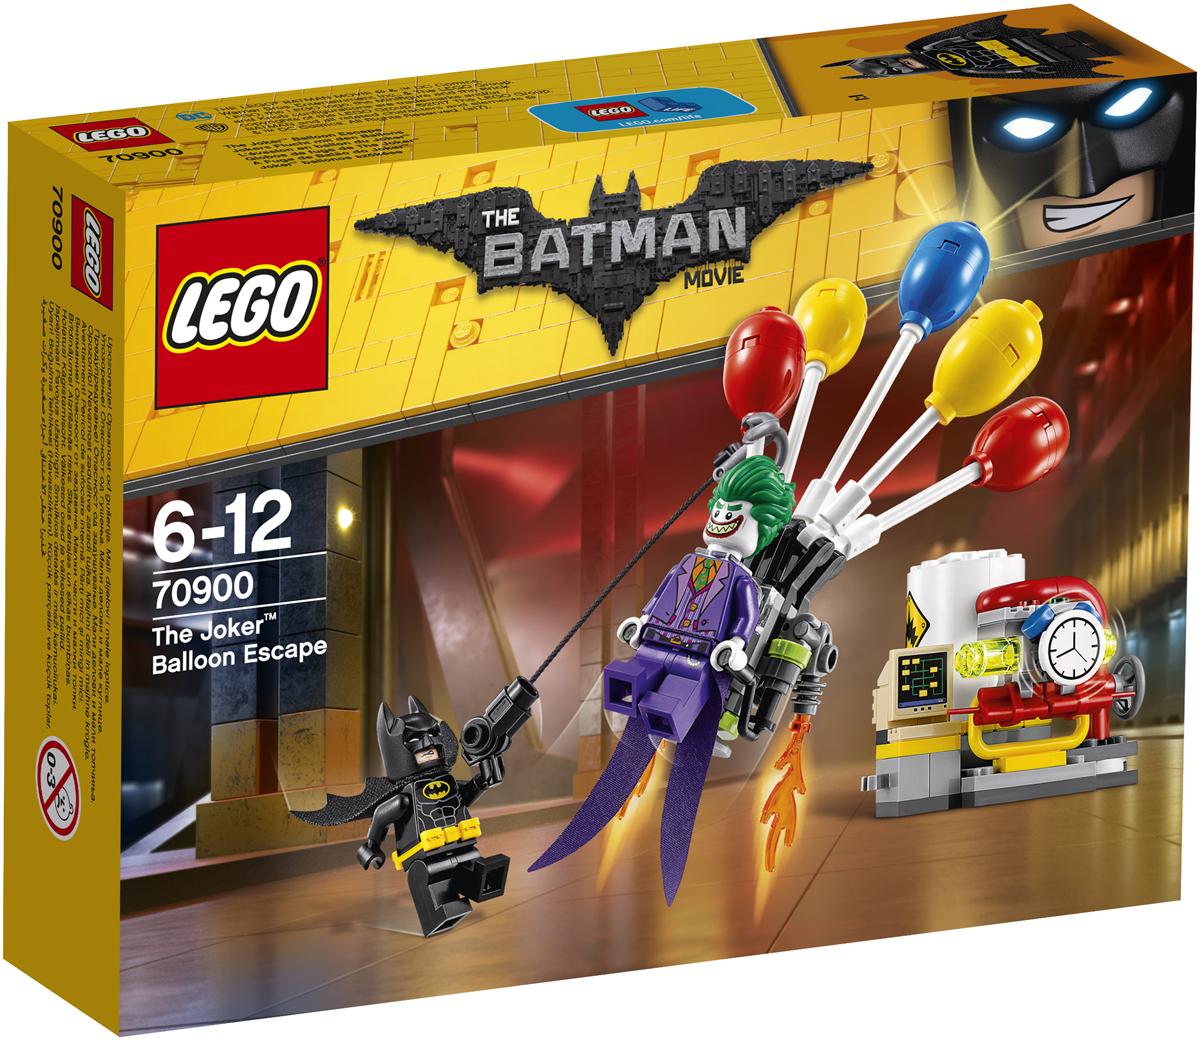 LEGO Batman Movie Конструктор Побег Джокера на воздушном шаре 70900 lego 70900 batman movie побег джокера на воздушном шаре